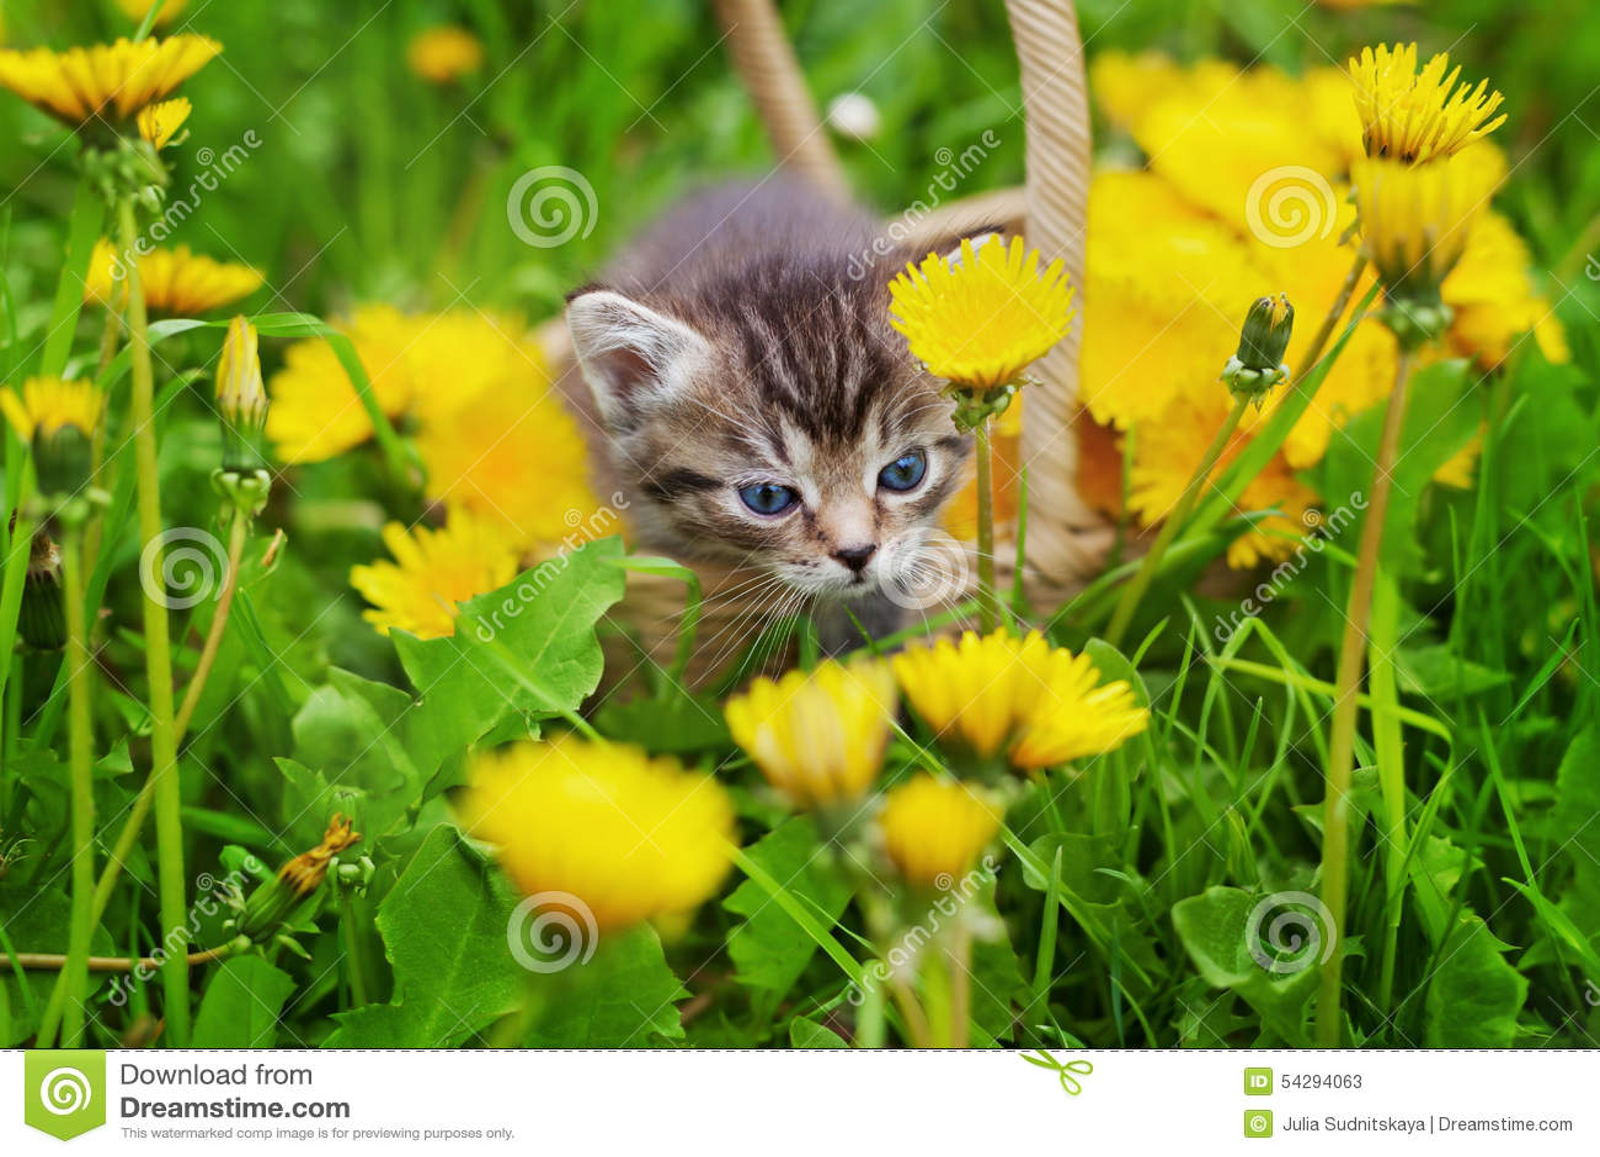 Cute Little Kitten Sitting In A Basket On The Beautiful Flower